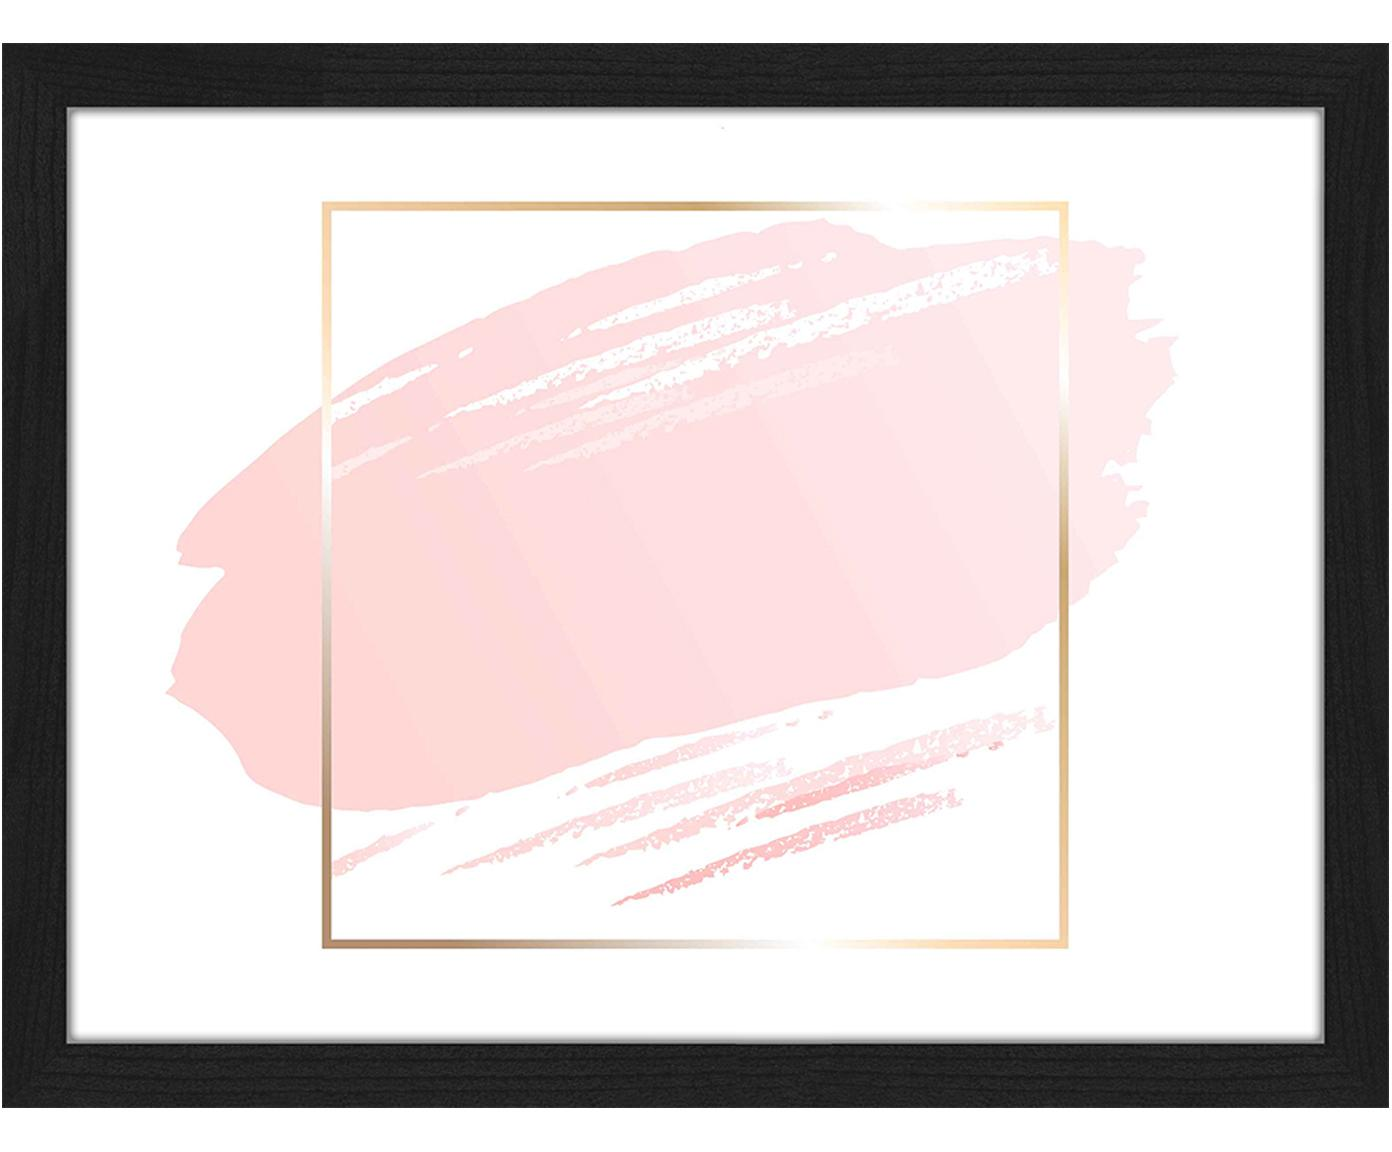 Ingelijste digitale print Pink Brush, Afbeelding: digitale print op papier,, Lijst: gelakt beukenhout, Wit, roze, goudkleurig, 33 x 43 cm